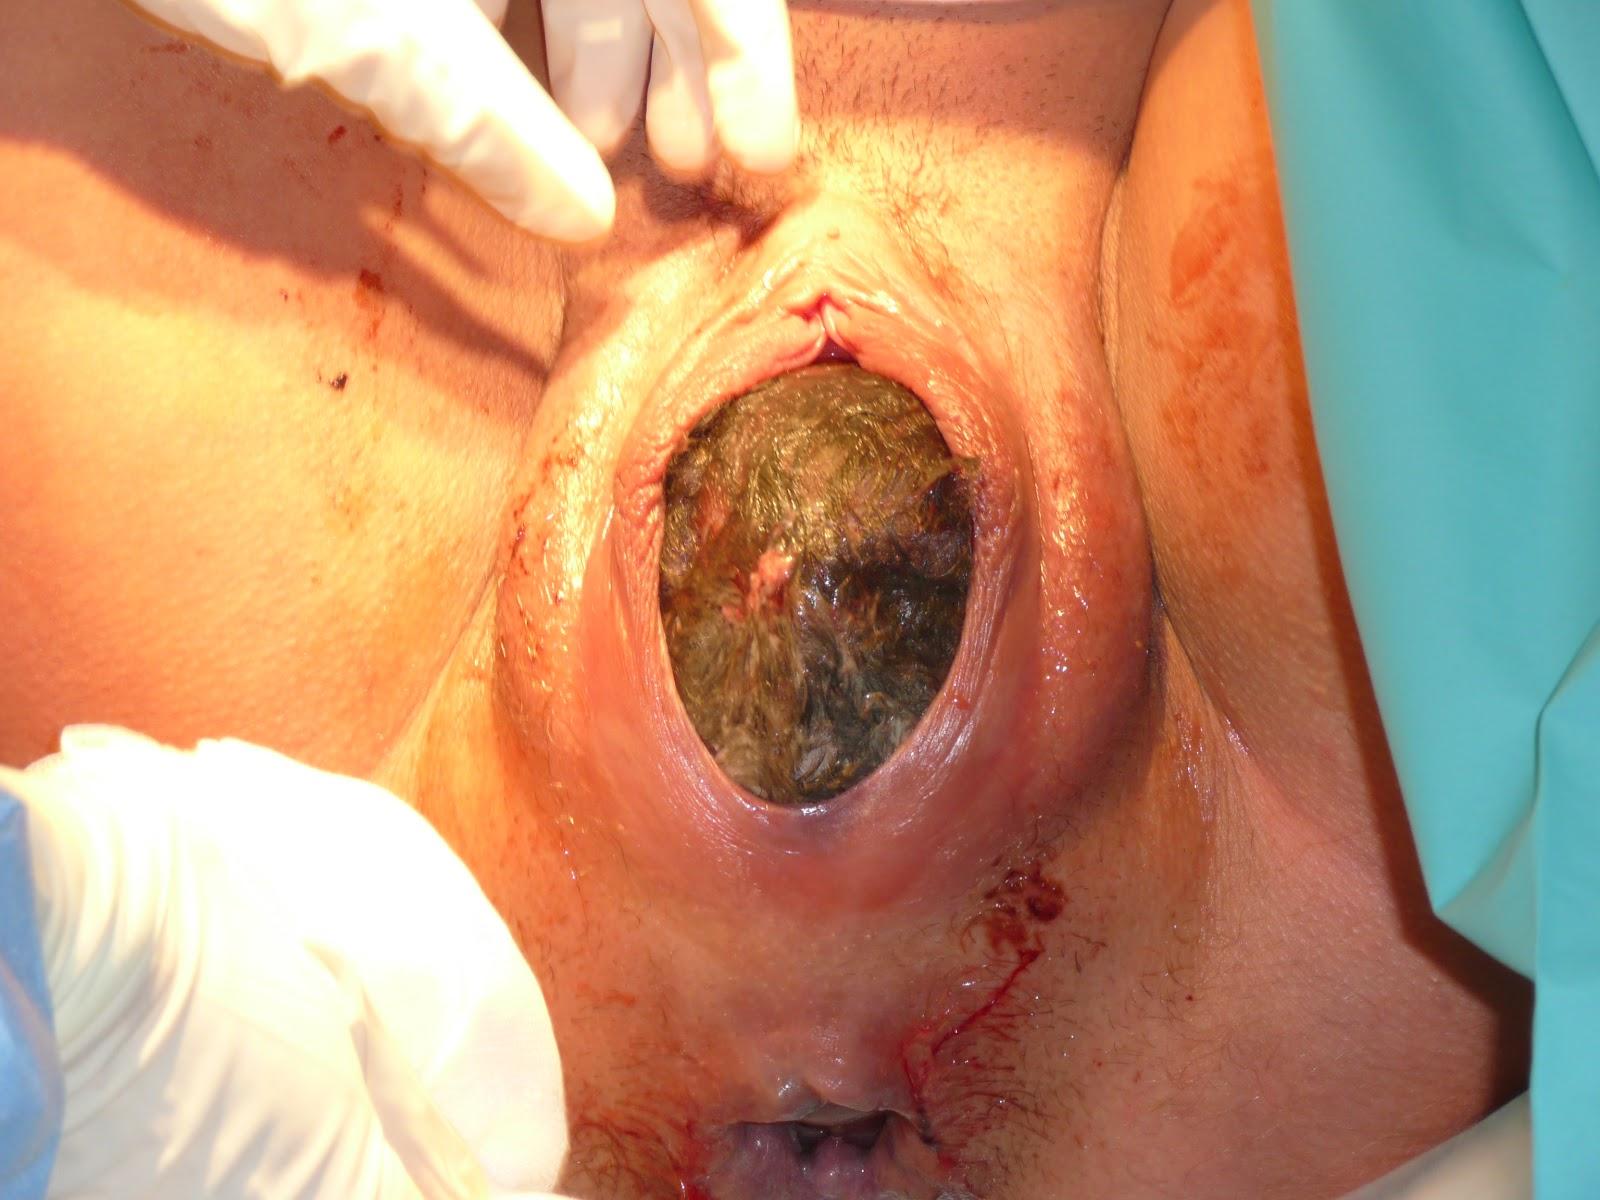 Imagenes De Mujeres Ensenando La Vagina